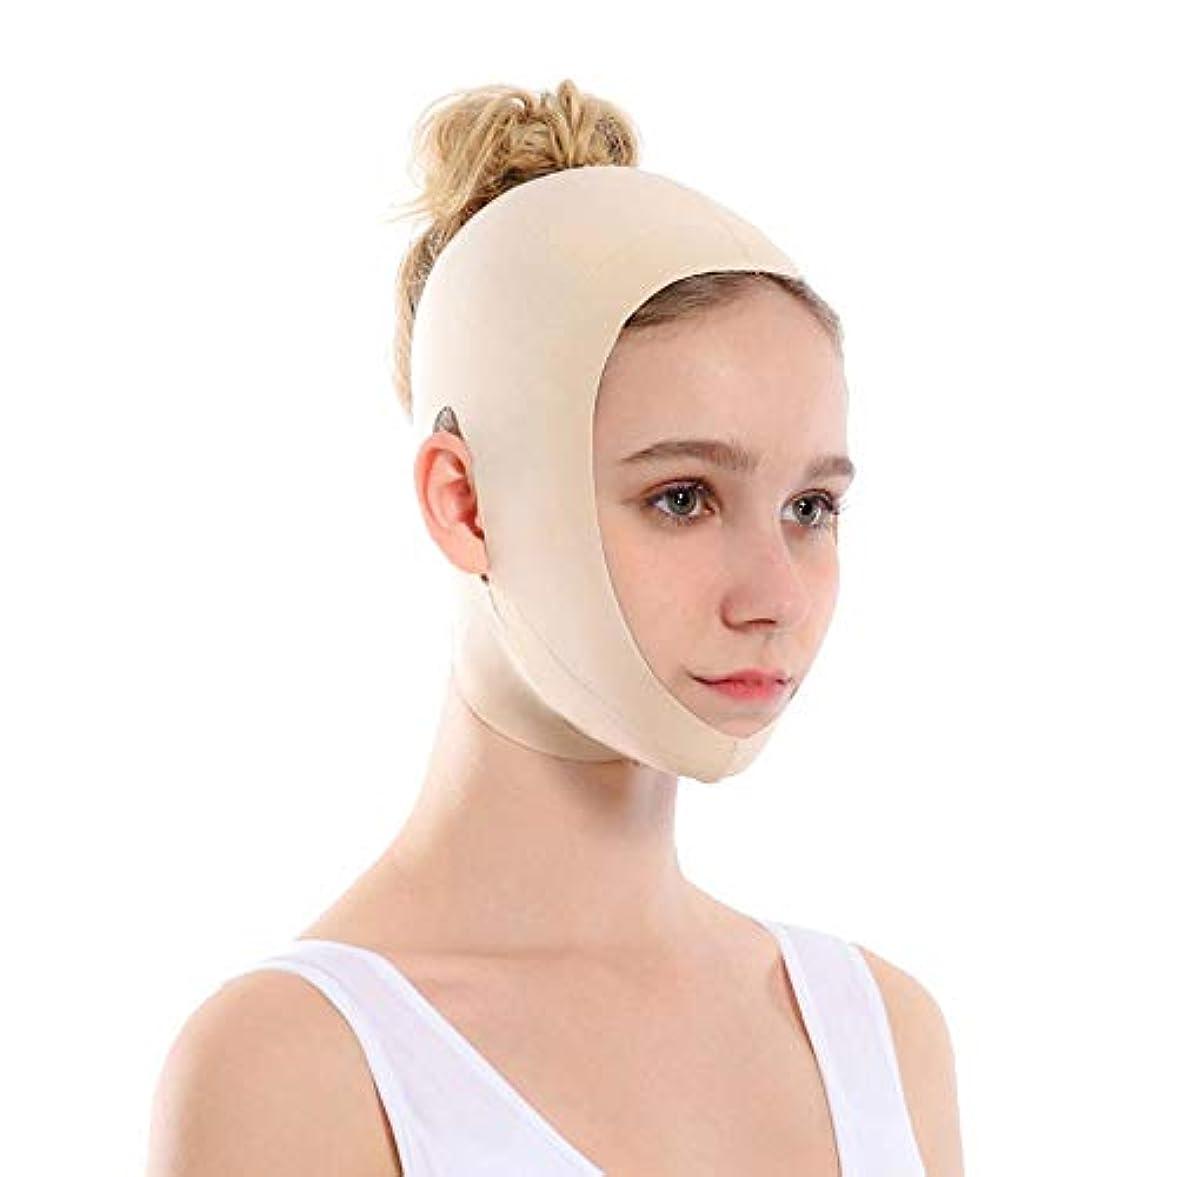 放射する人気の織機顔を持ち上げるアーティファクトVフェイス包帯リフティング引き締め睡眠薄い顔を整形持ち上げる顔を二重あご矯正 - 肌の色